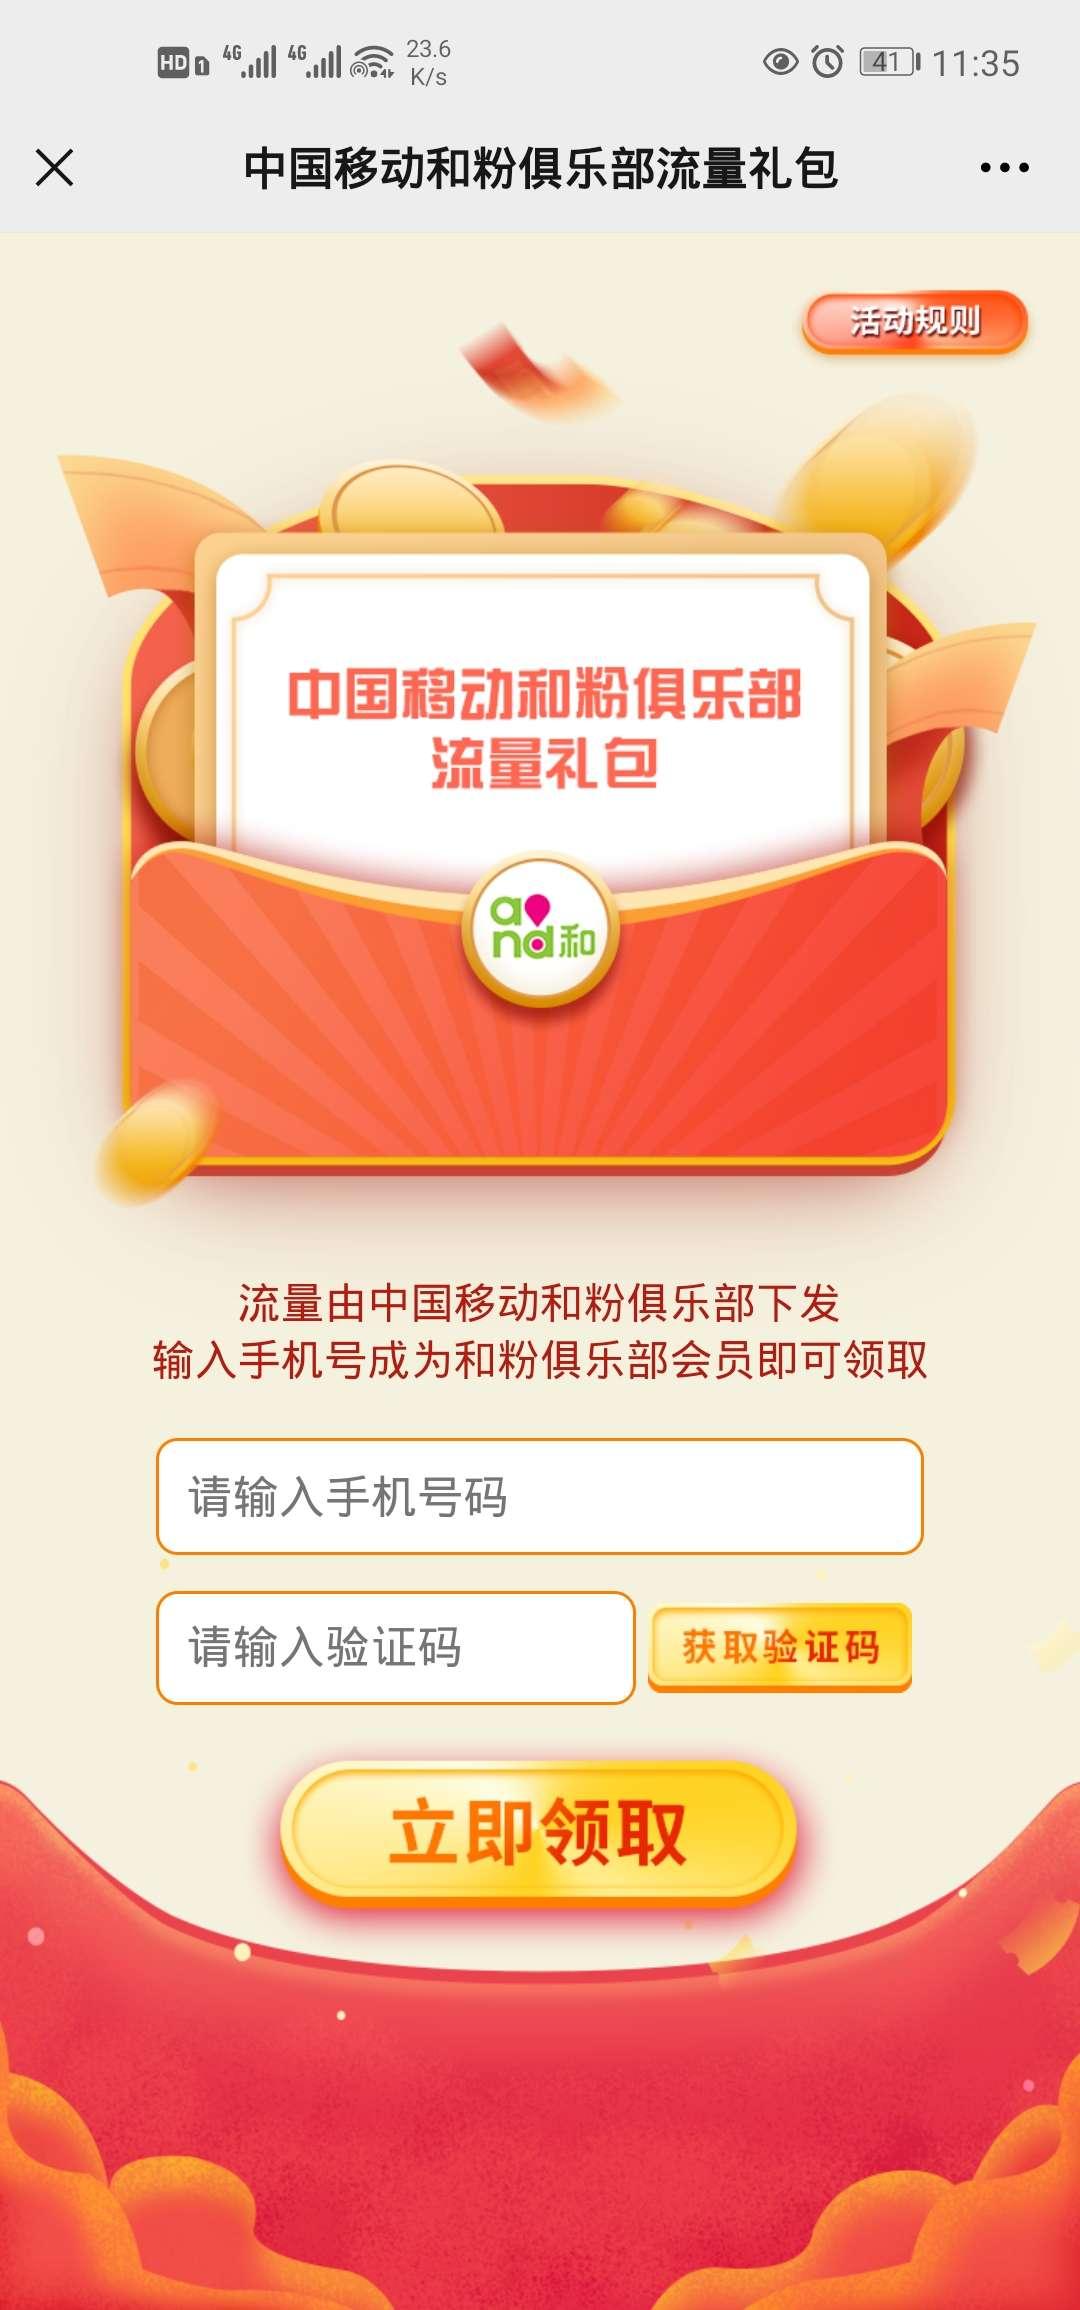 中国移动和粉俱乐部免费领取500M流量